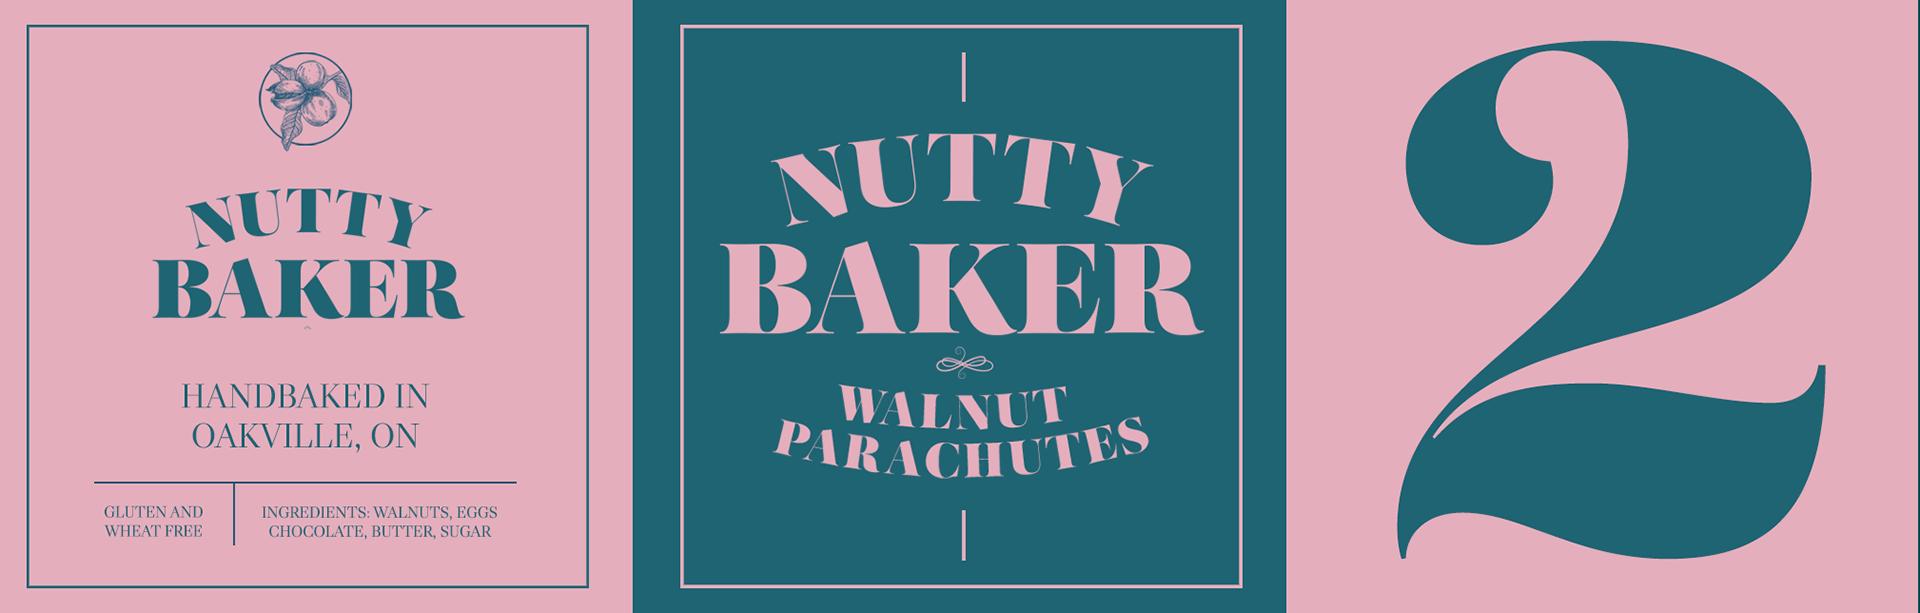 nuttybaker1